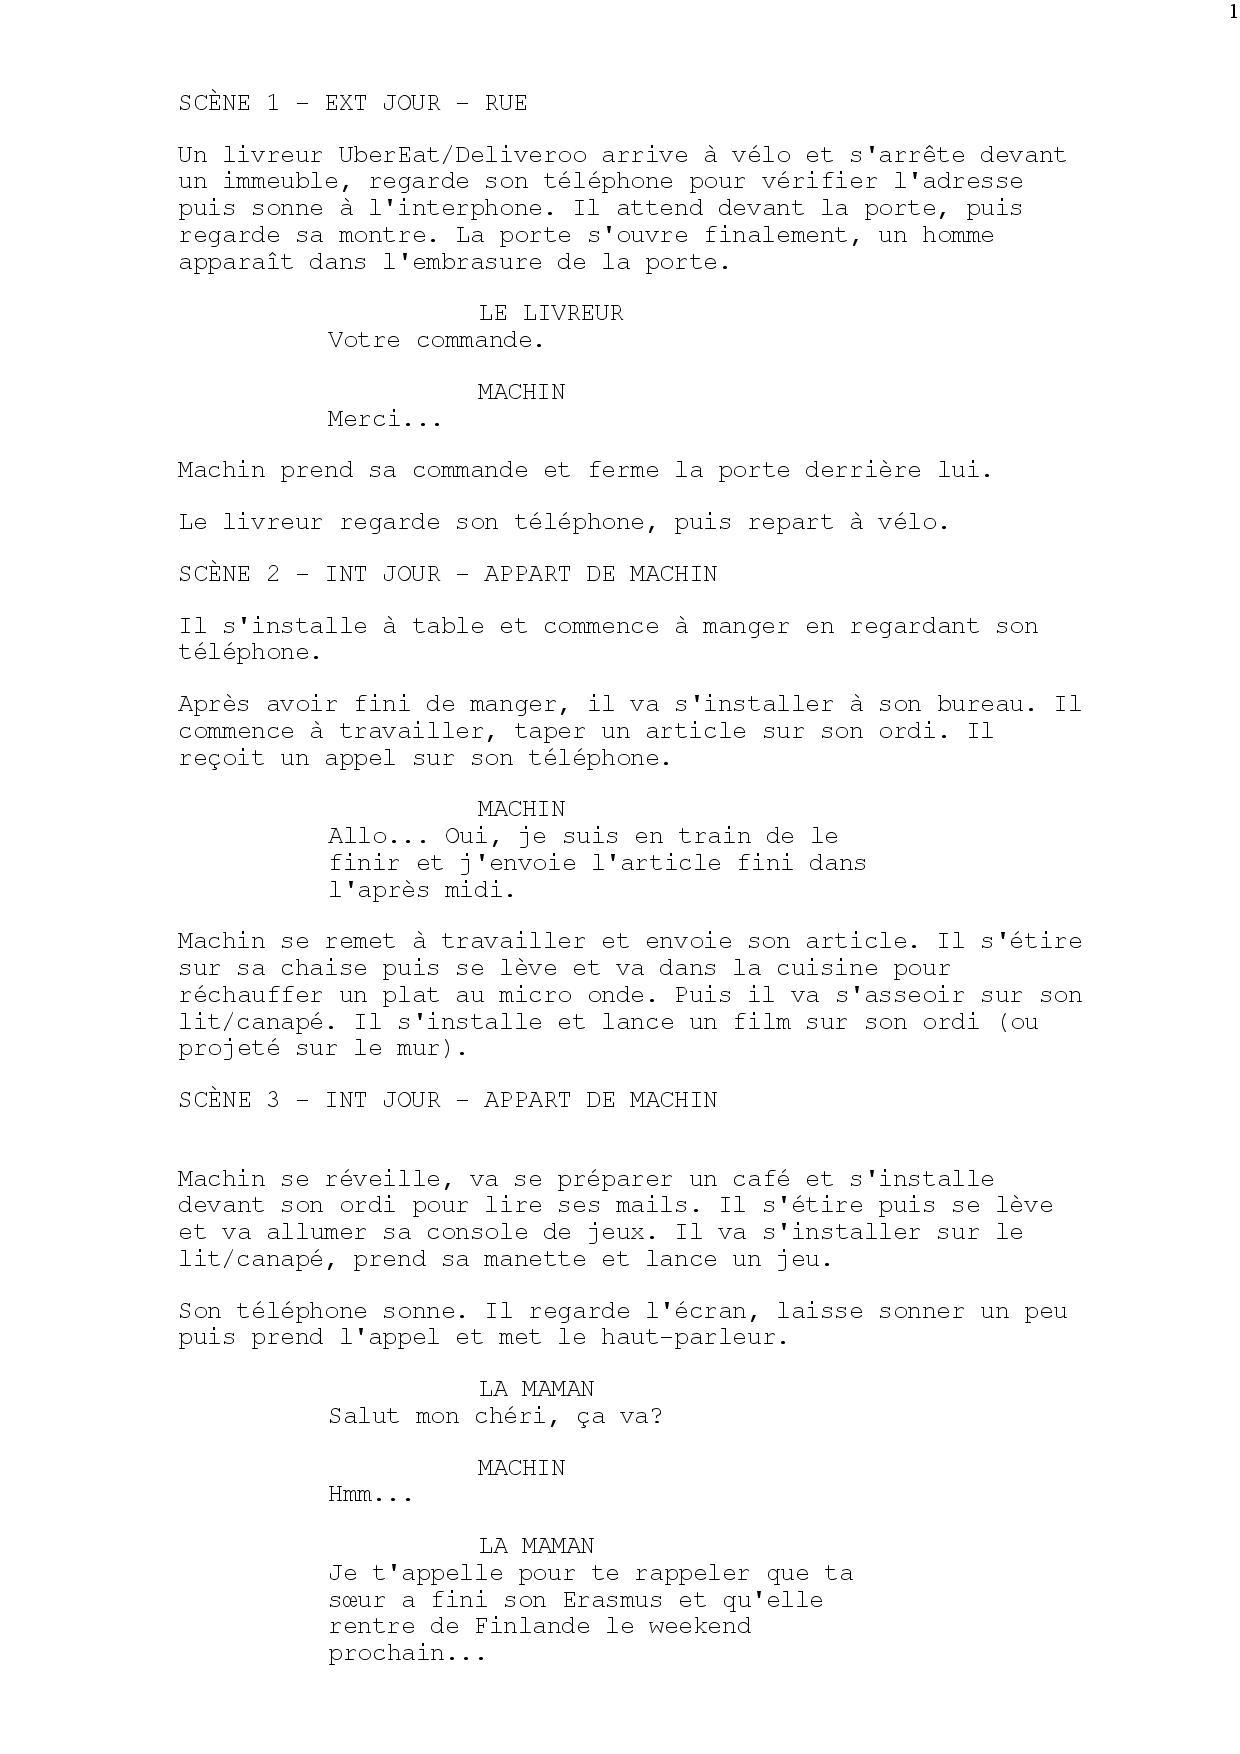 A la recherche de Marcel-page-001